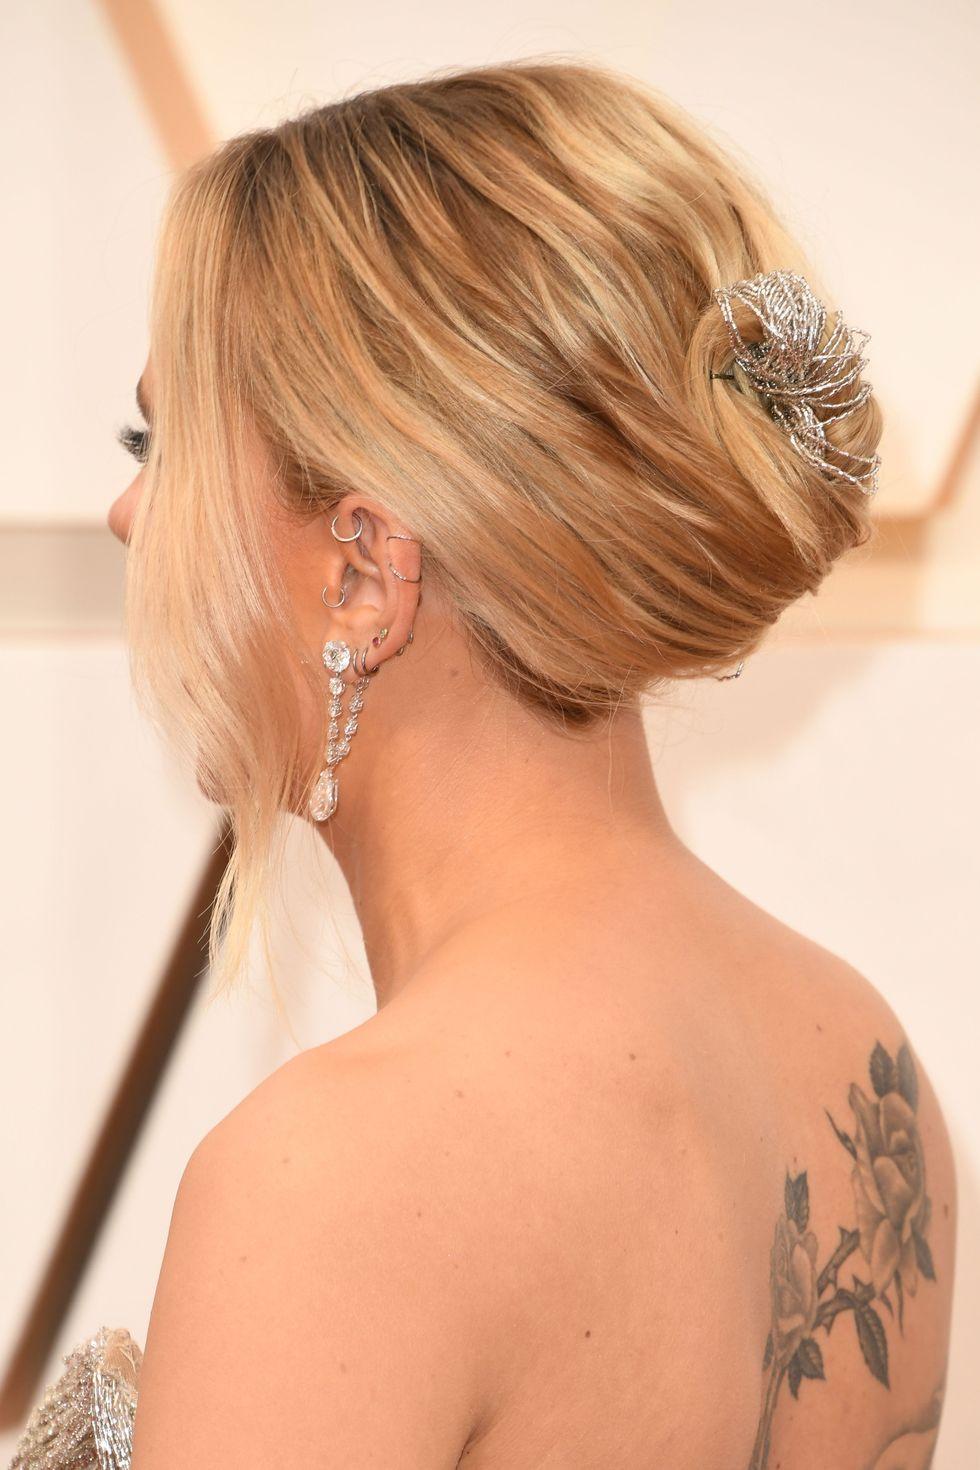 Scarlett Johansson cố định phần tóc bằng đinh, không quên sử dụng dây bạc quấn quanh tạo điểm nhấn,